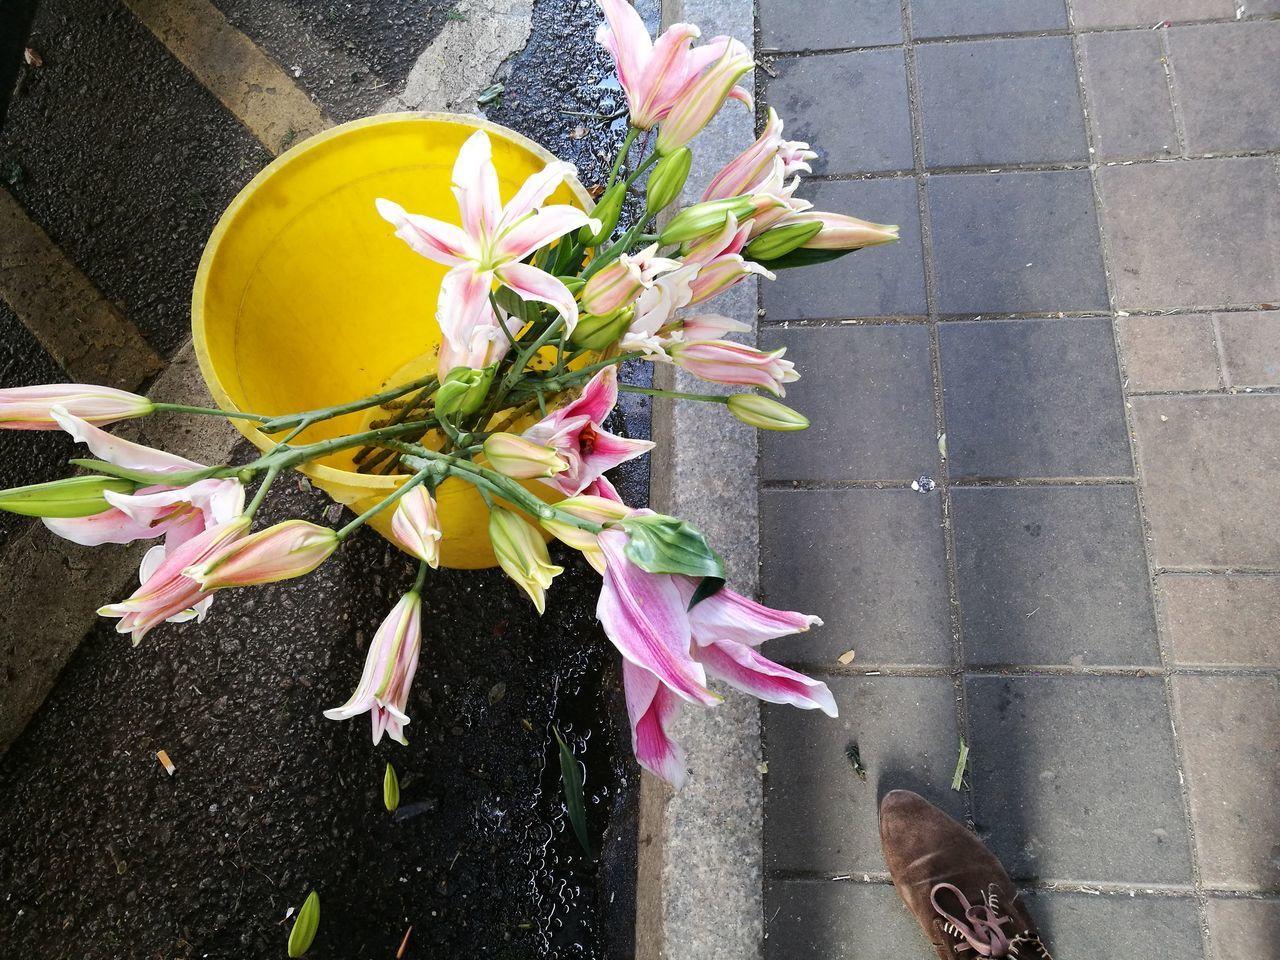 A foot in the flower market... Petal Freshness Flower Head Outdoors Fragility Flower Lilies Lilies In Bloom Pink Flower Pink Flower Market Mongkok HongKong Flowerporn Yellow And Pink Flora Human Body Part Human Foot